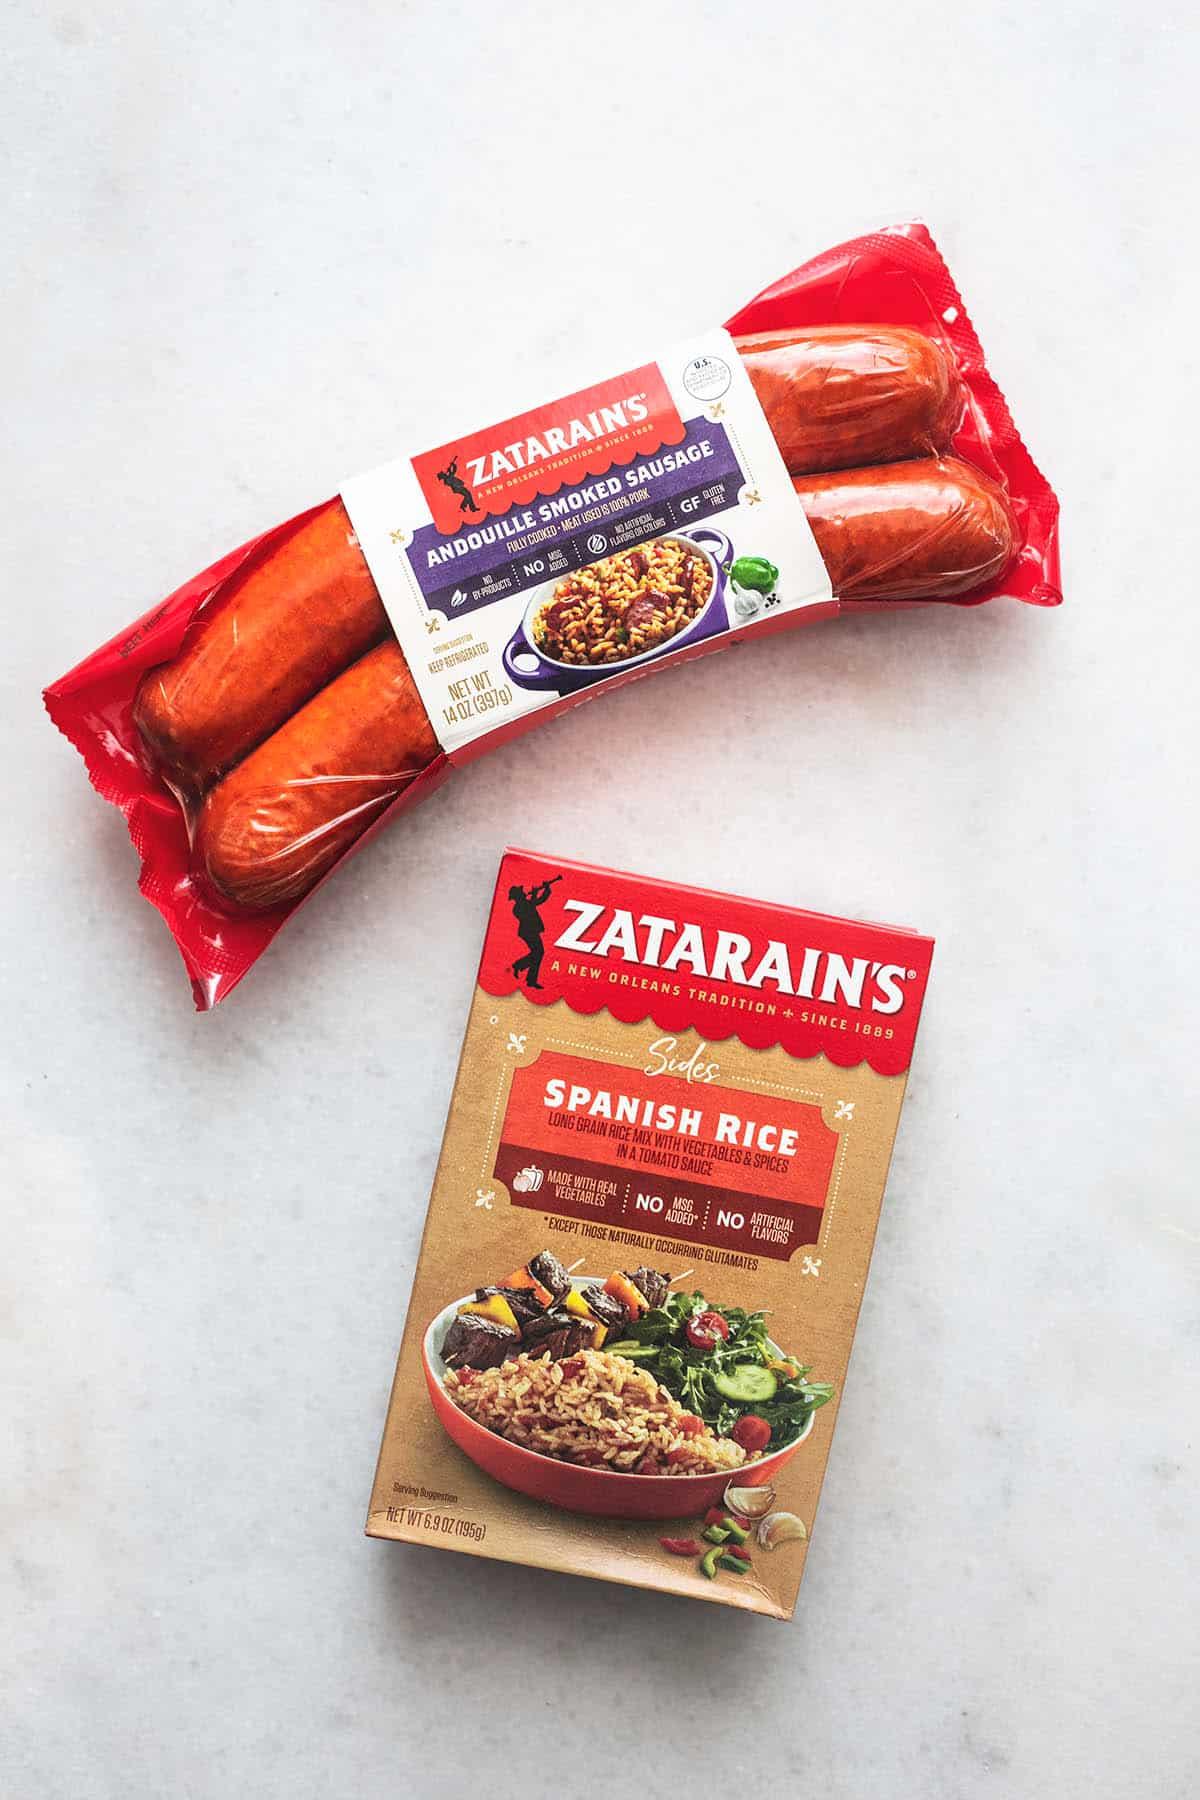 top view of a package of Zatarain's smoked sausage and Zatarain's Spanish rice box.